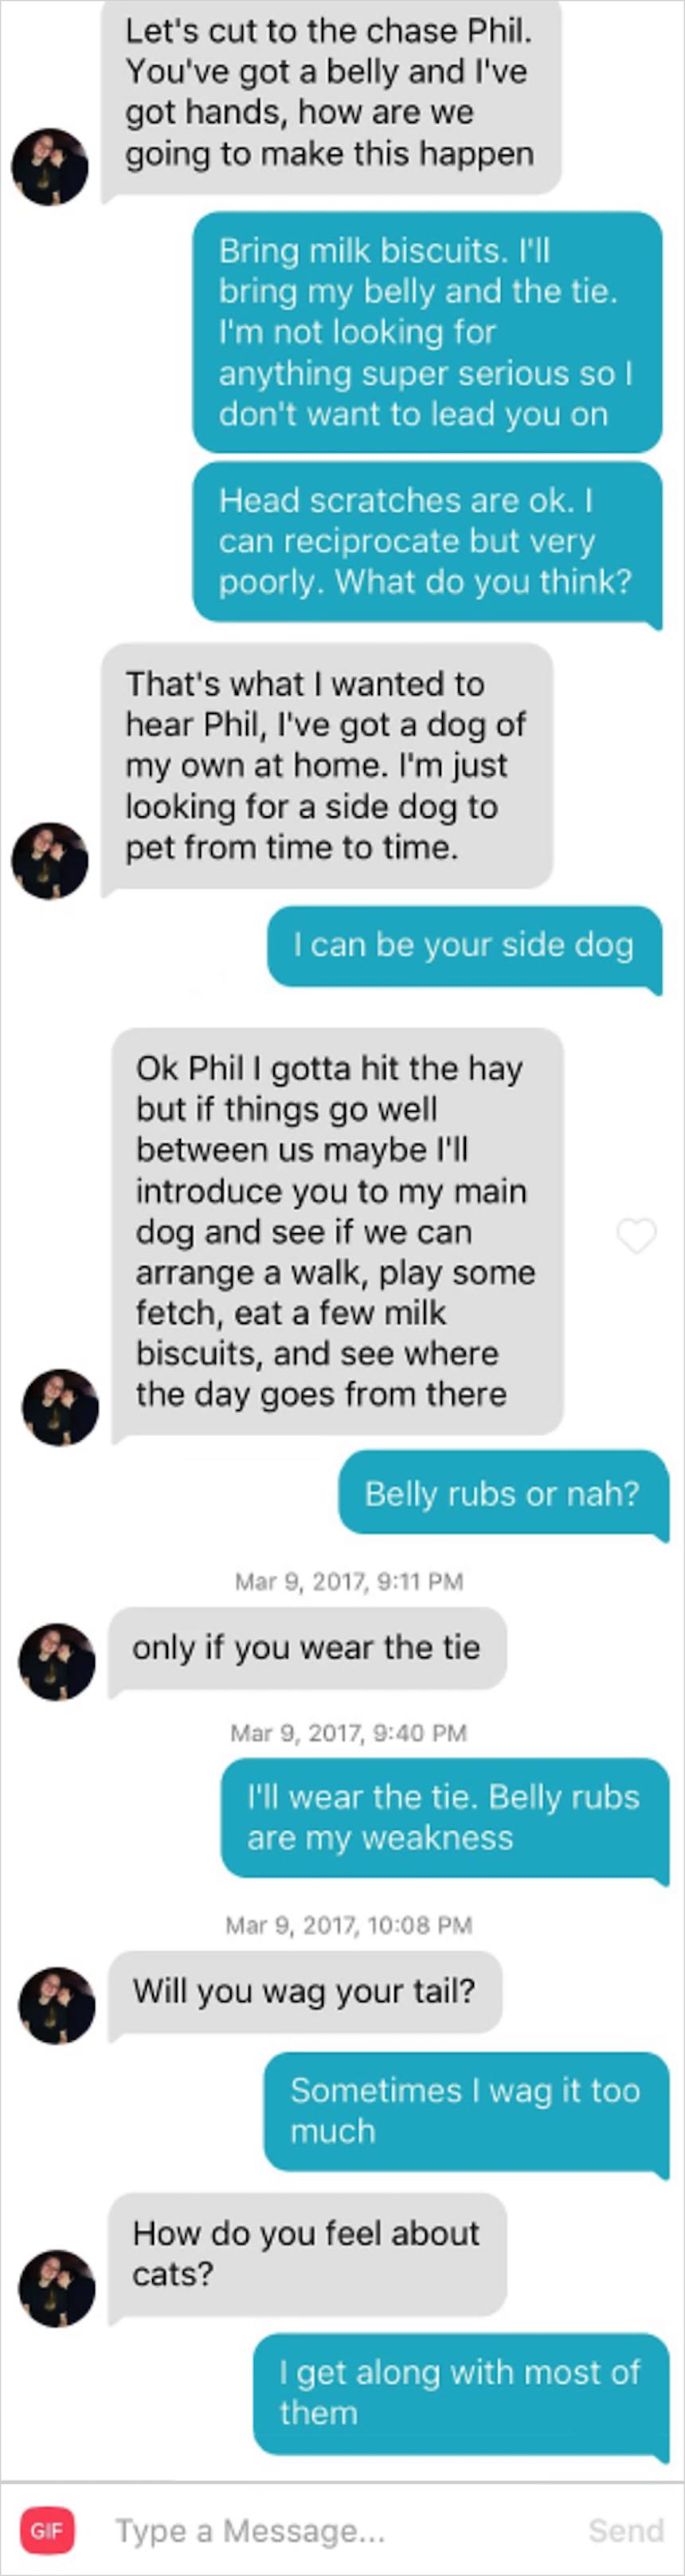 Phil, el perrito de Tinder - Ligue